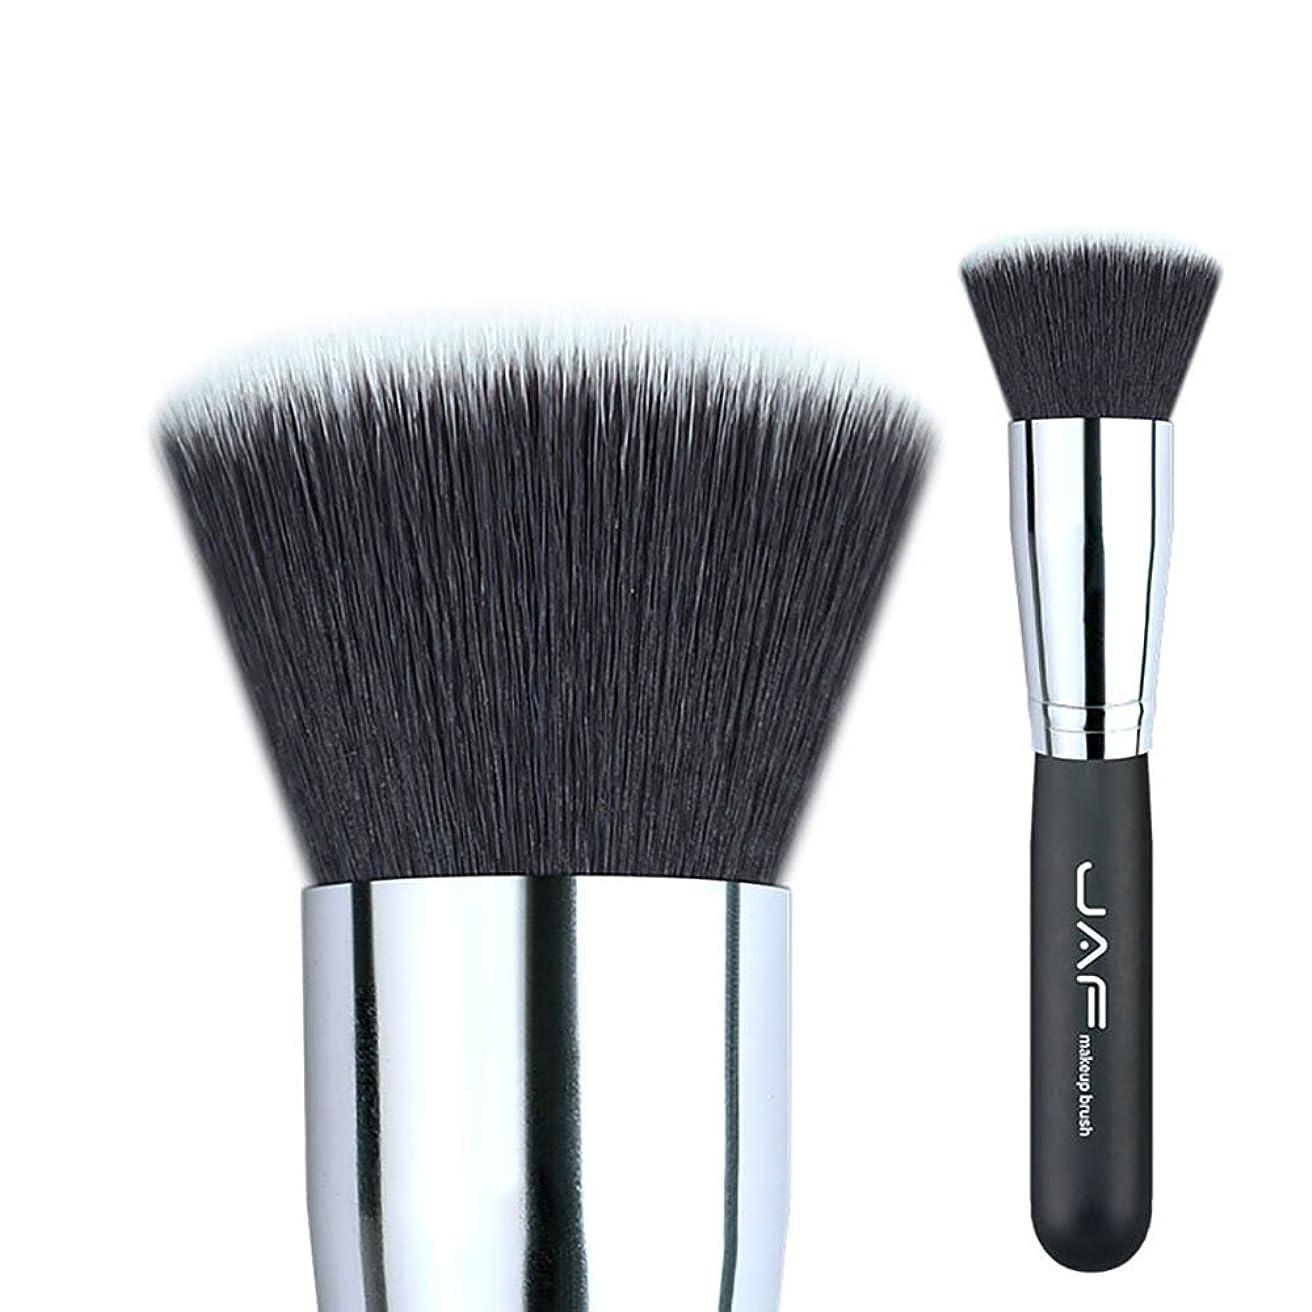 いつかポスト印象派嫌がる18SSYL 化粧筆 フラットトップ 歌舞伎ブラシ 特大 顔を作る 化粧ブラシ 柔らかい 合成タクロン髪 メイクアップ (Color : Black)